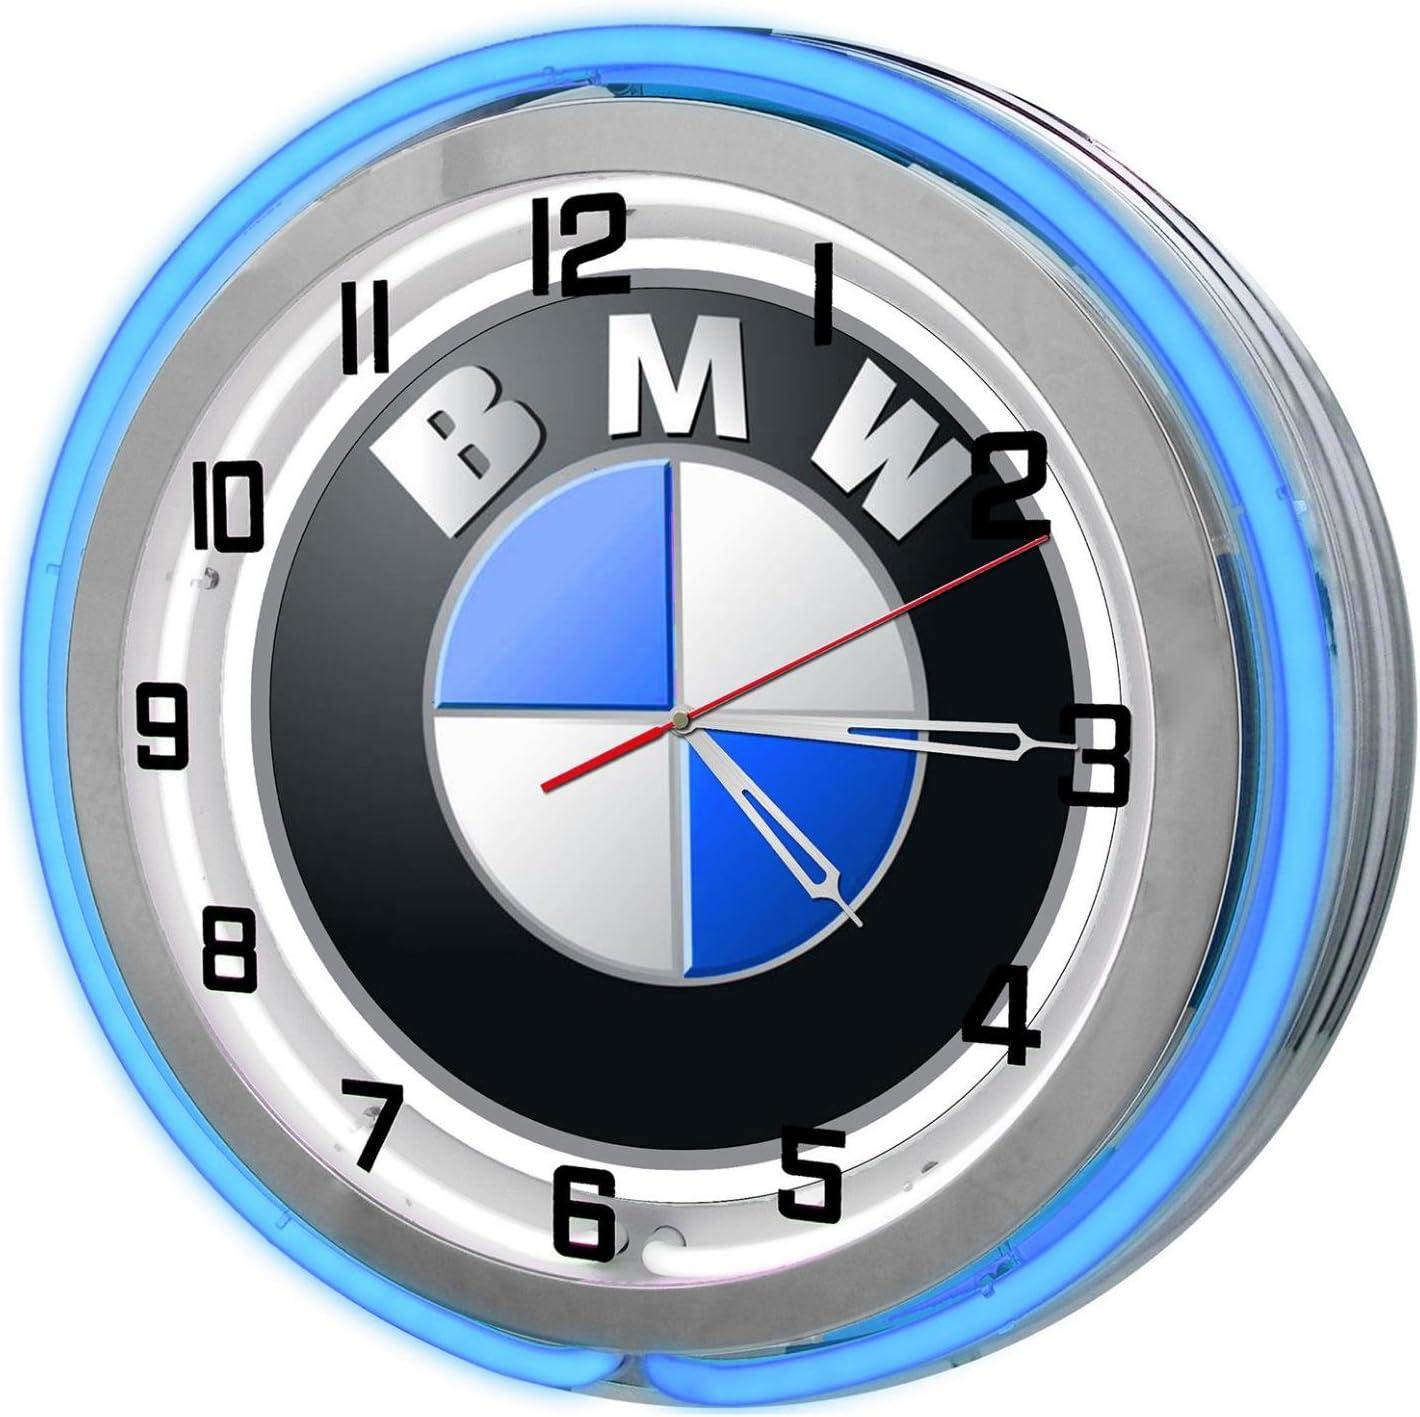 """Redeye Laserworks BMW 18"""" Blue Double Neon Garage Clock from"""